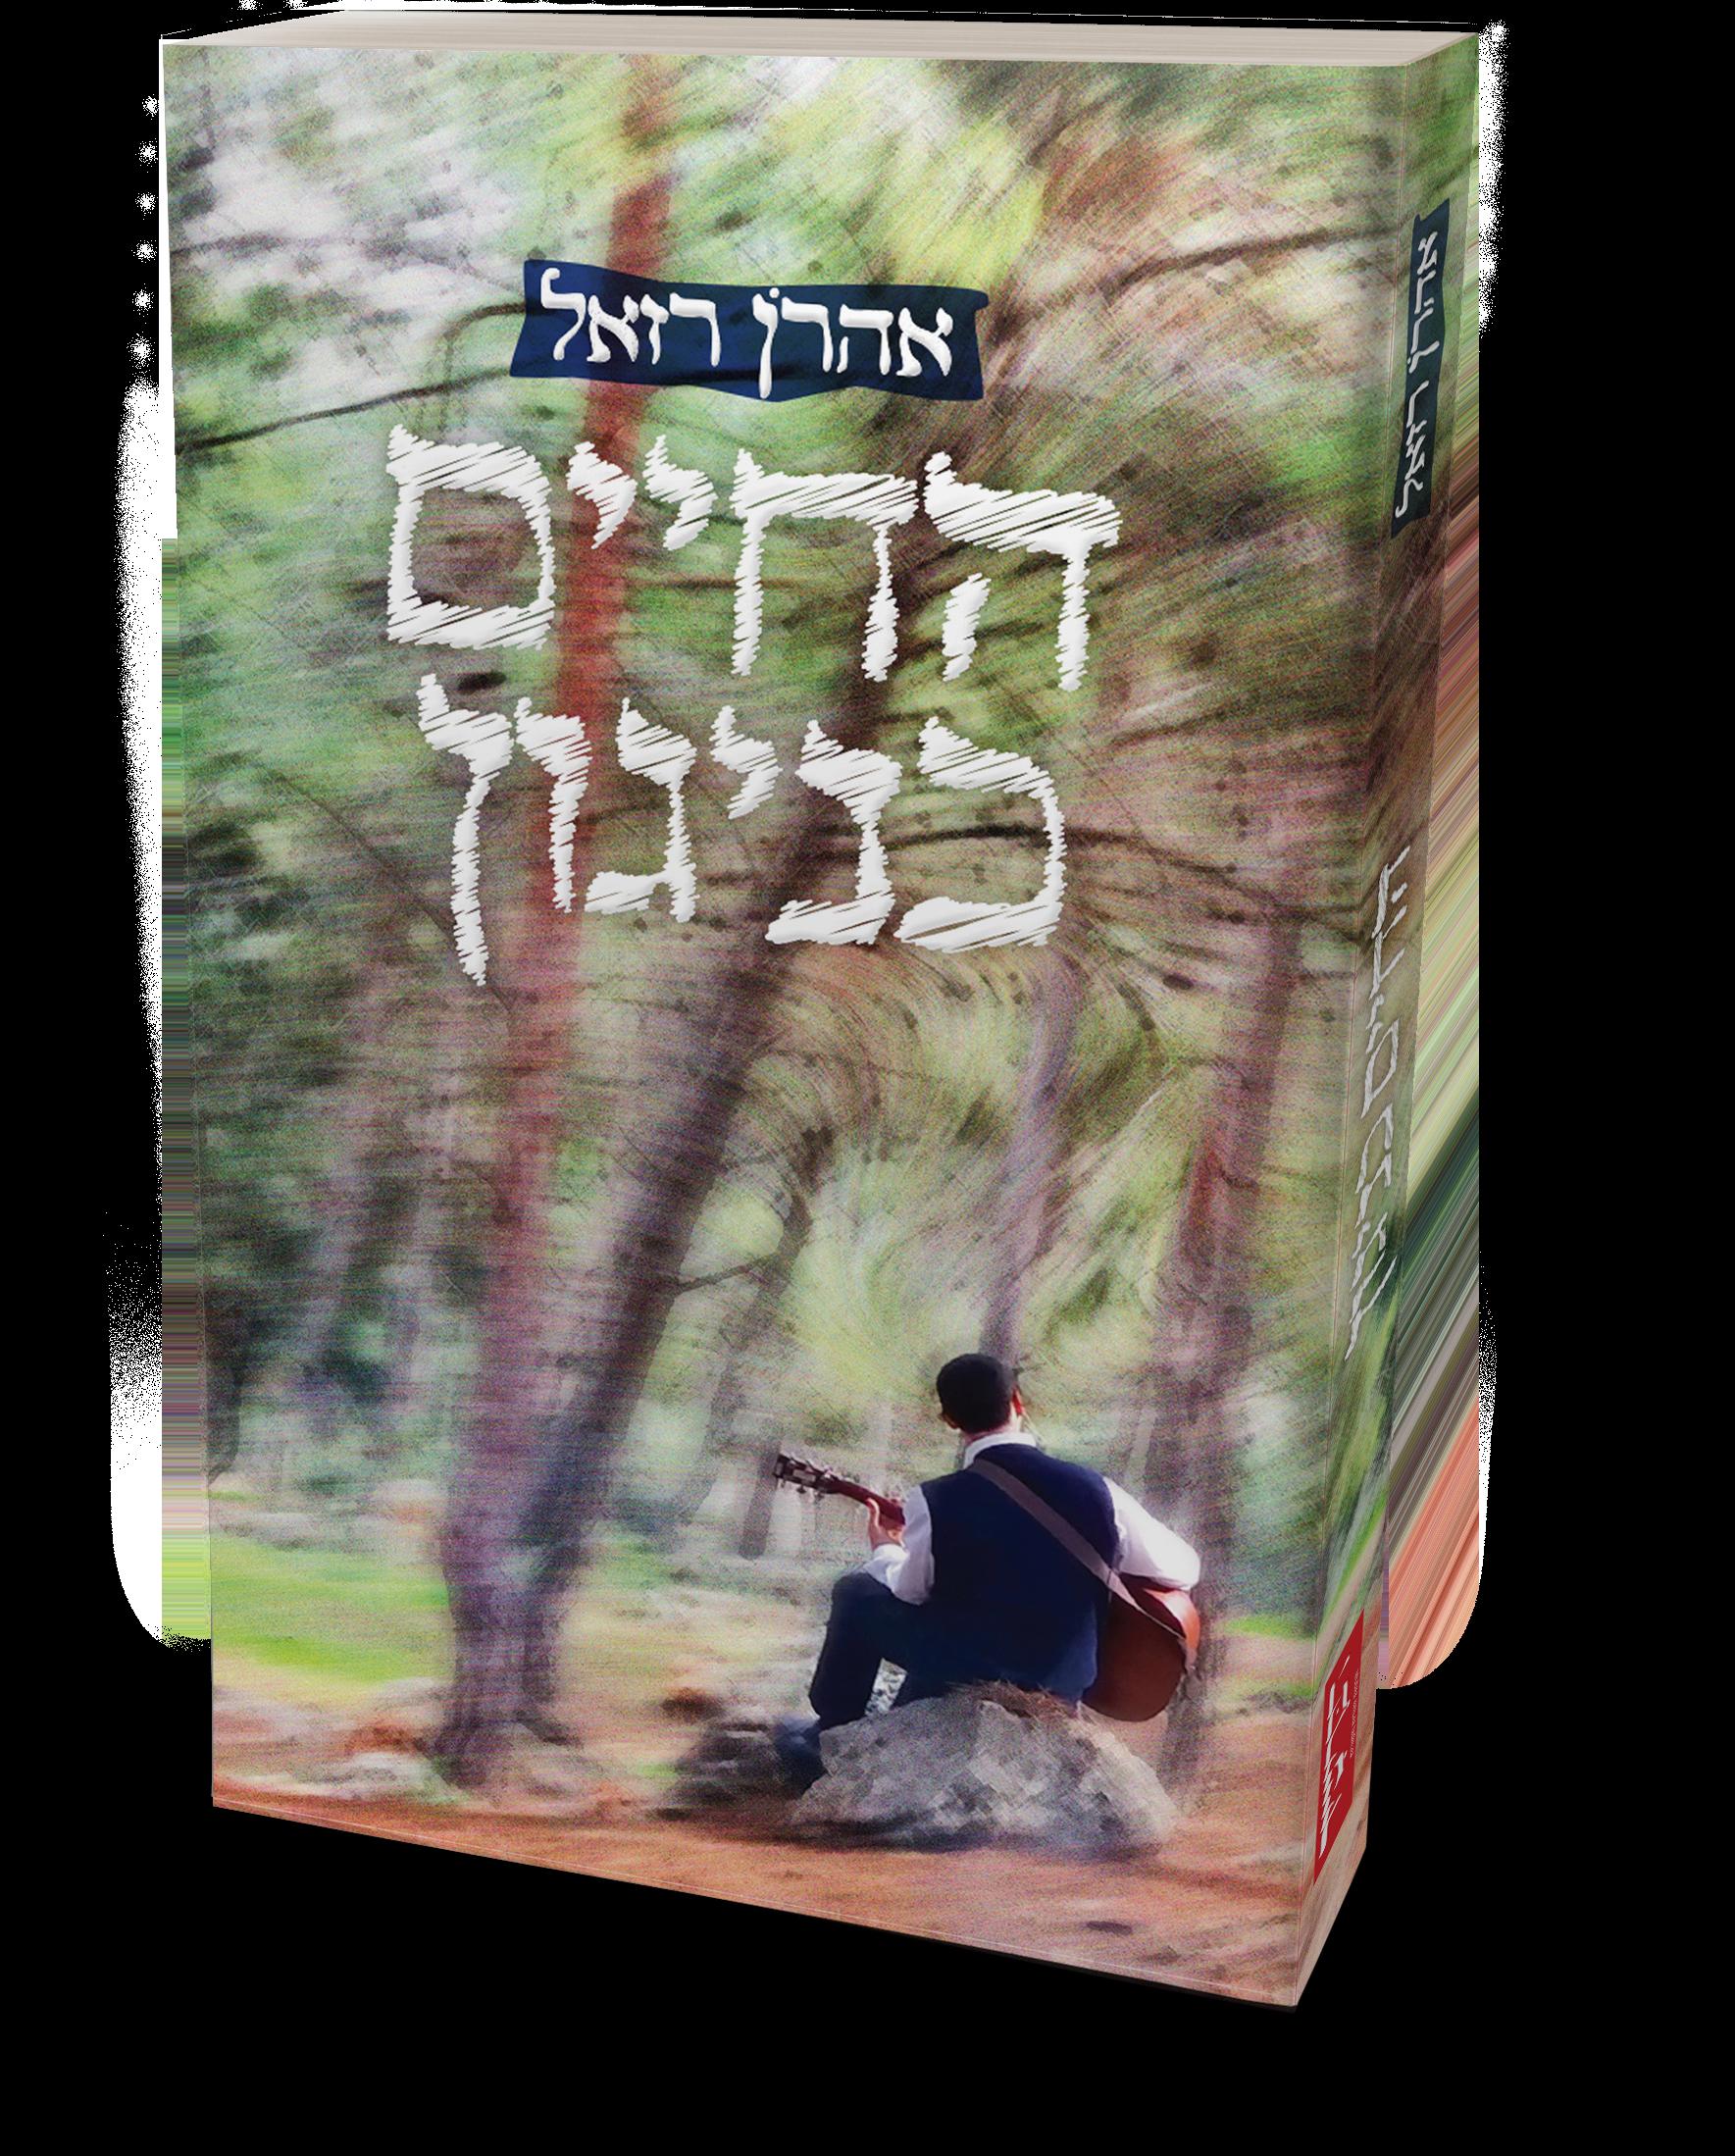 ספר החיים כניגון - אהרון רזאל